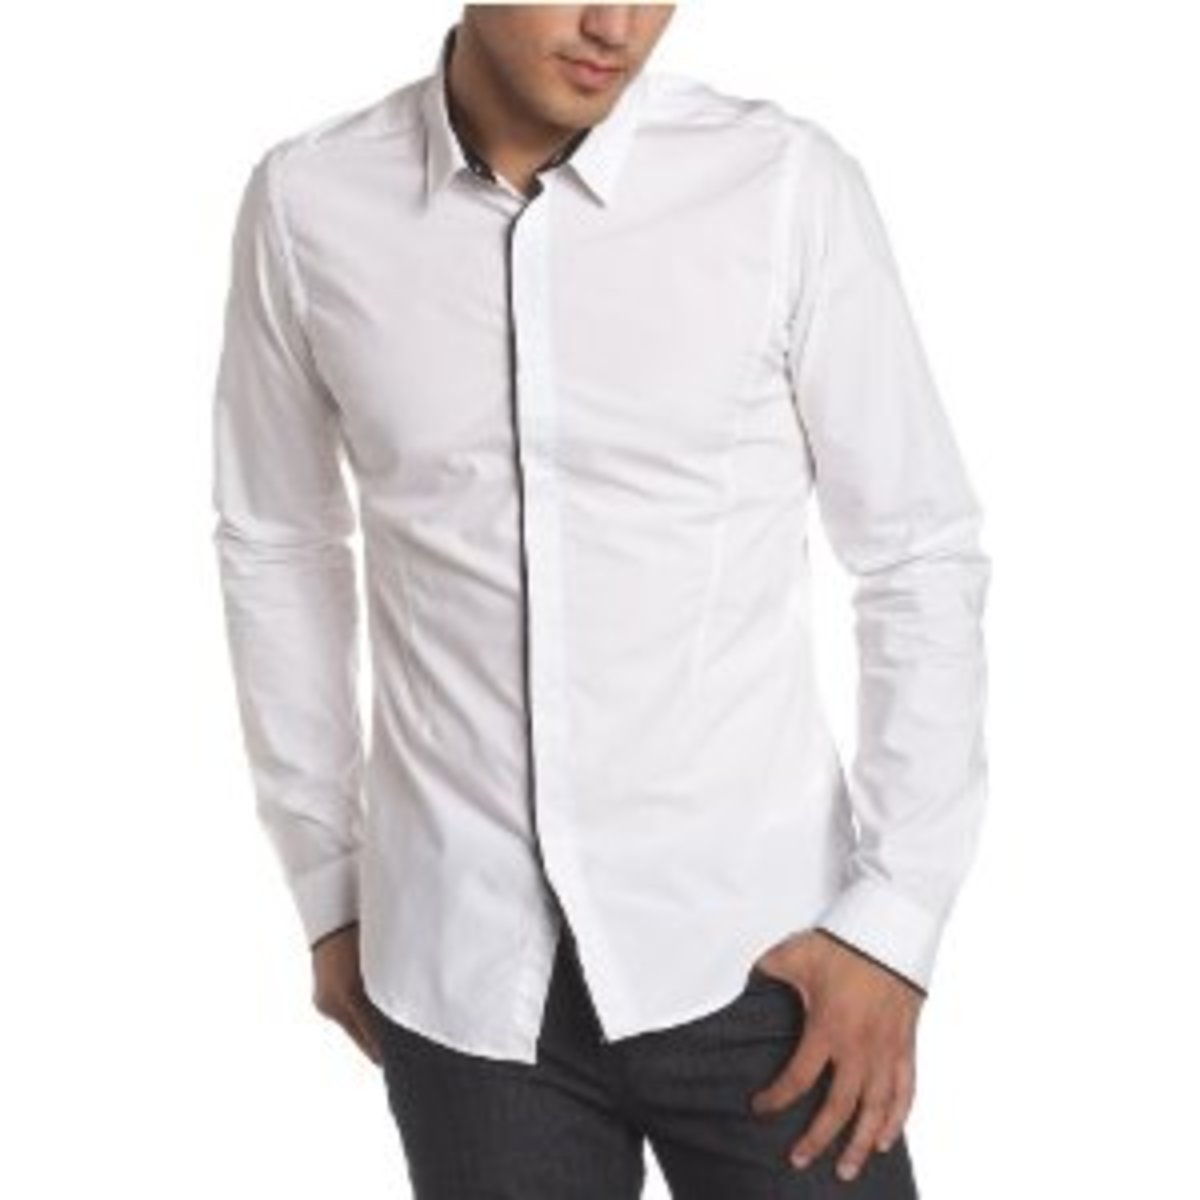 mod-clothes